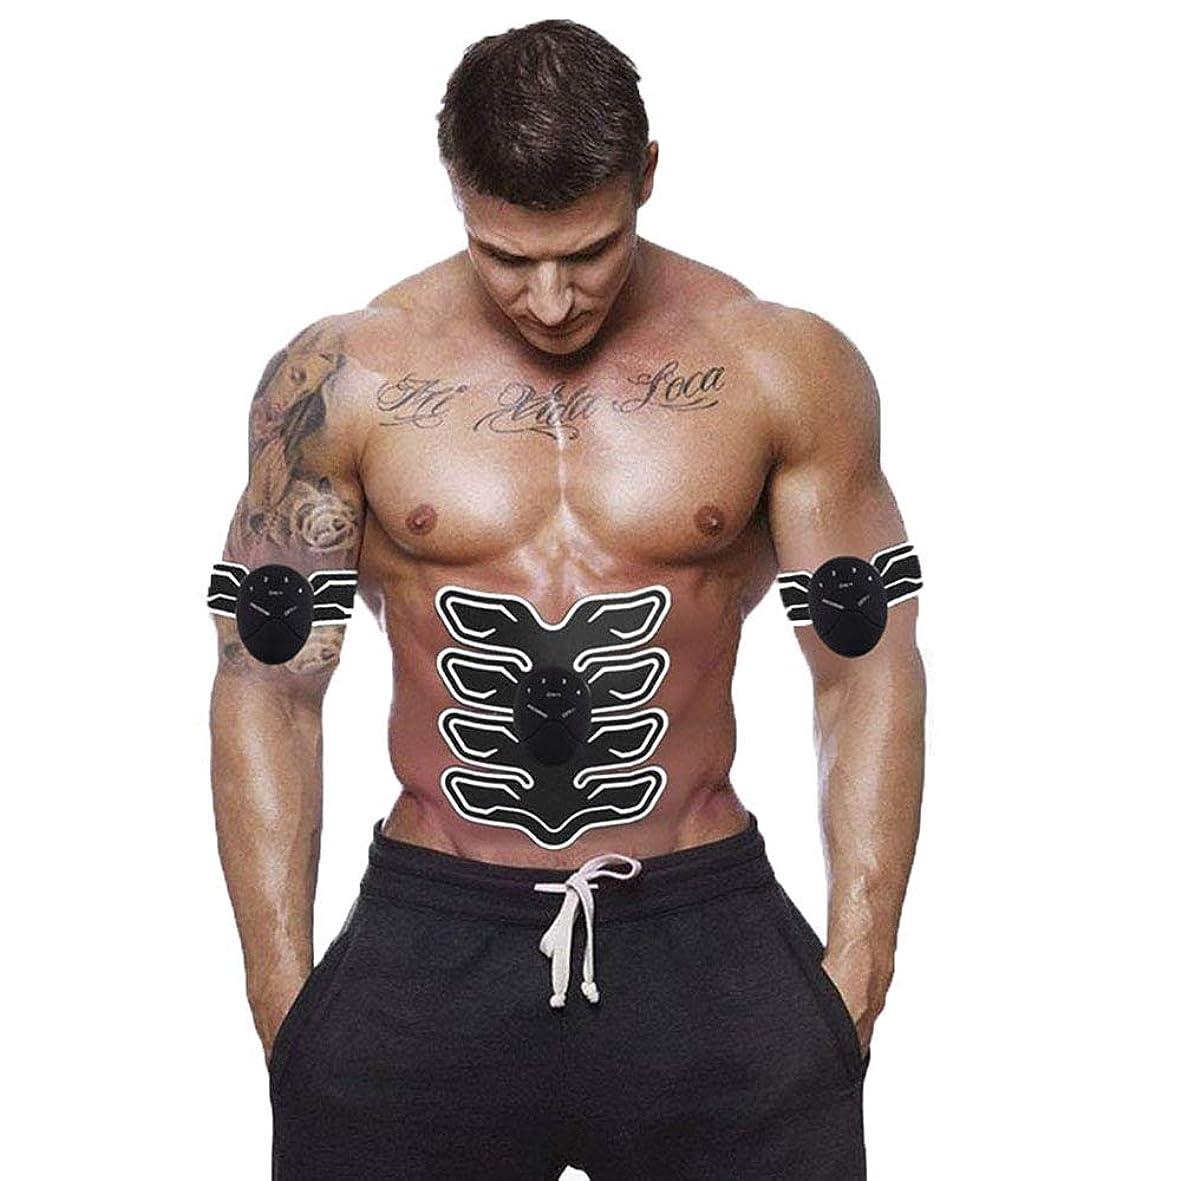 モネ関連付けるキャメル筋肉トナー腹部調色ベルトポータブル USB 充電式ワイヤレス EMS マッサージ腹部アームレッグトレーニングのためのフィットネス機器